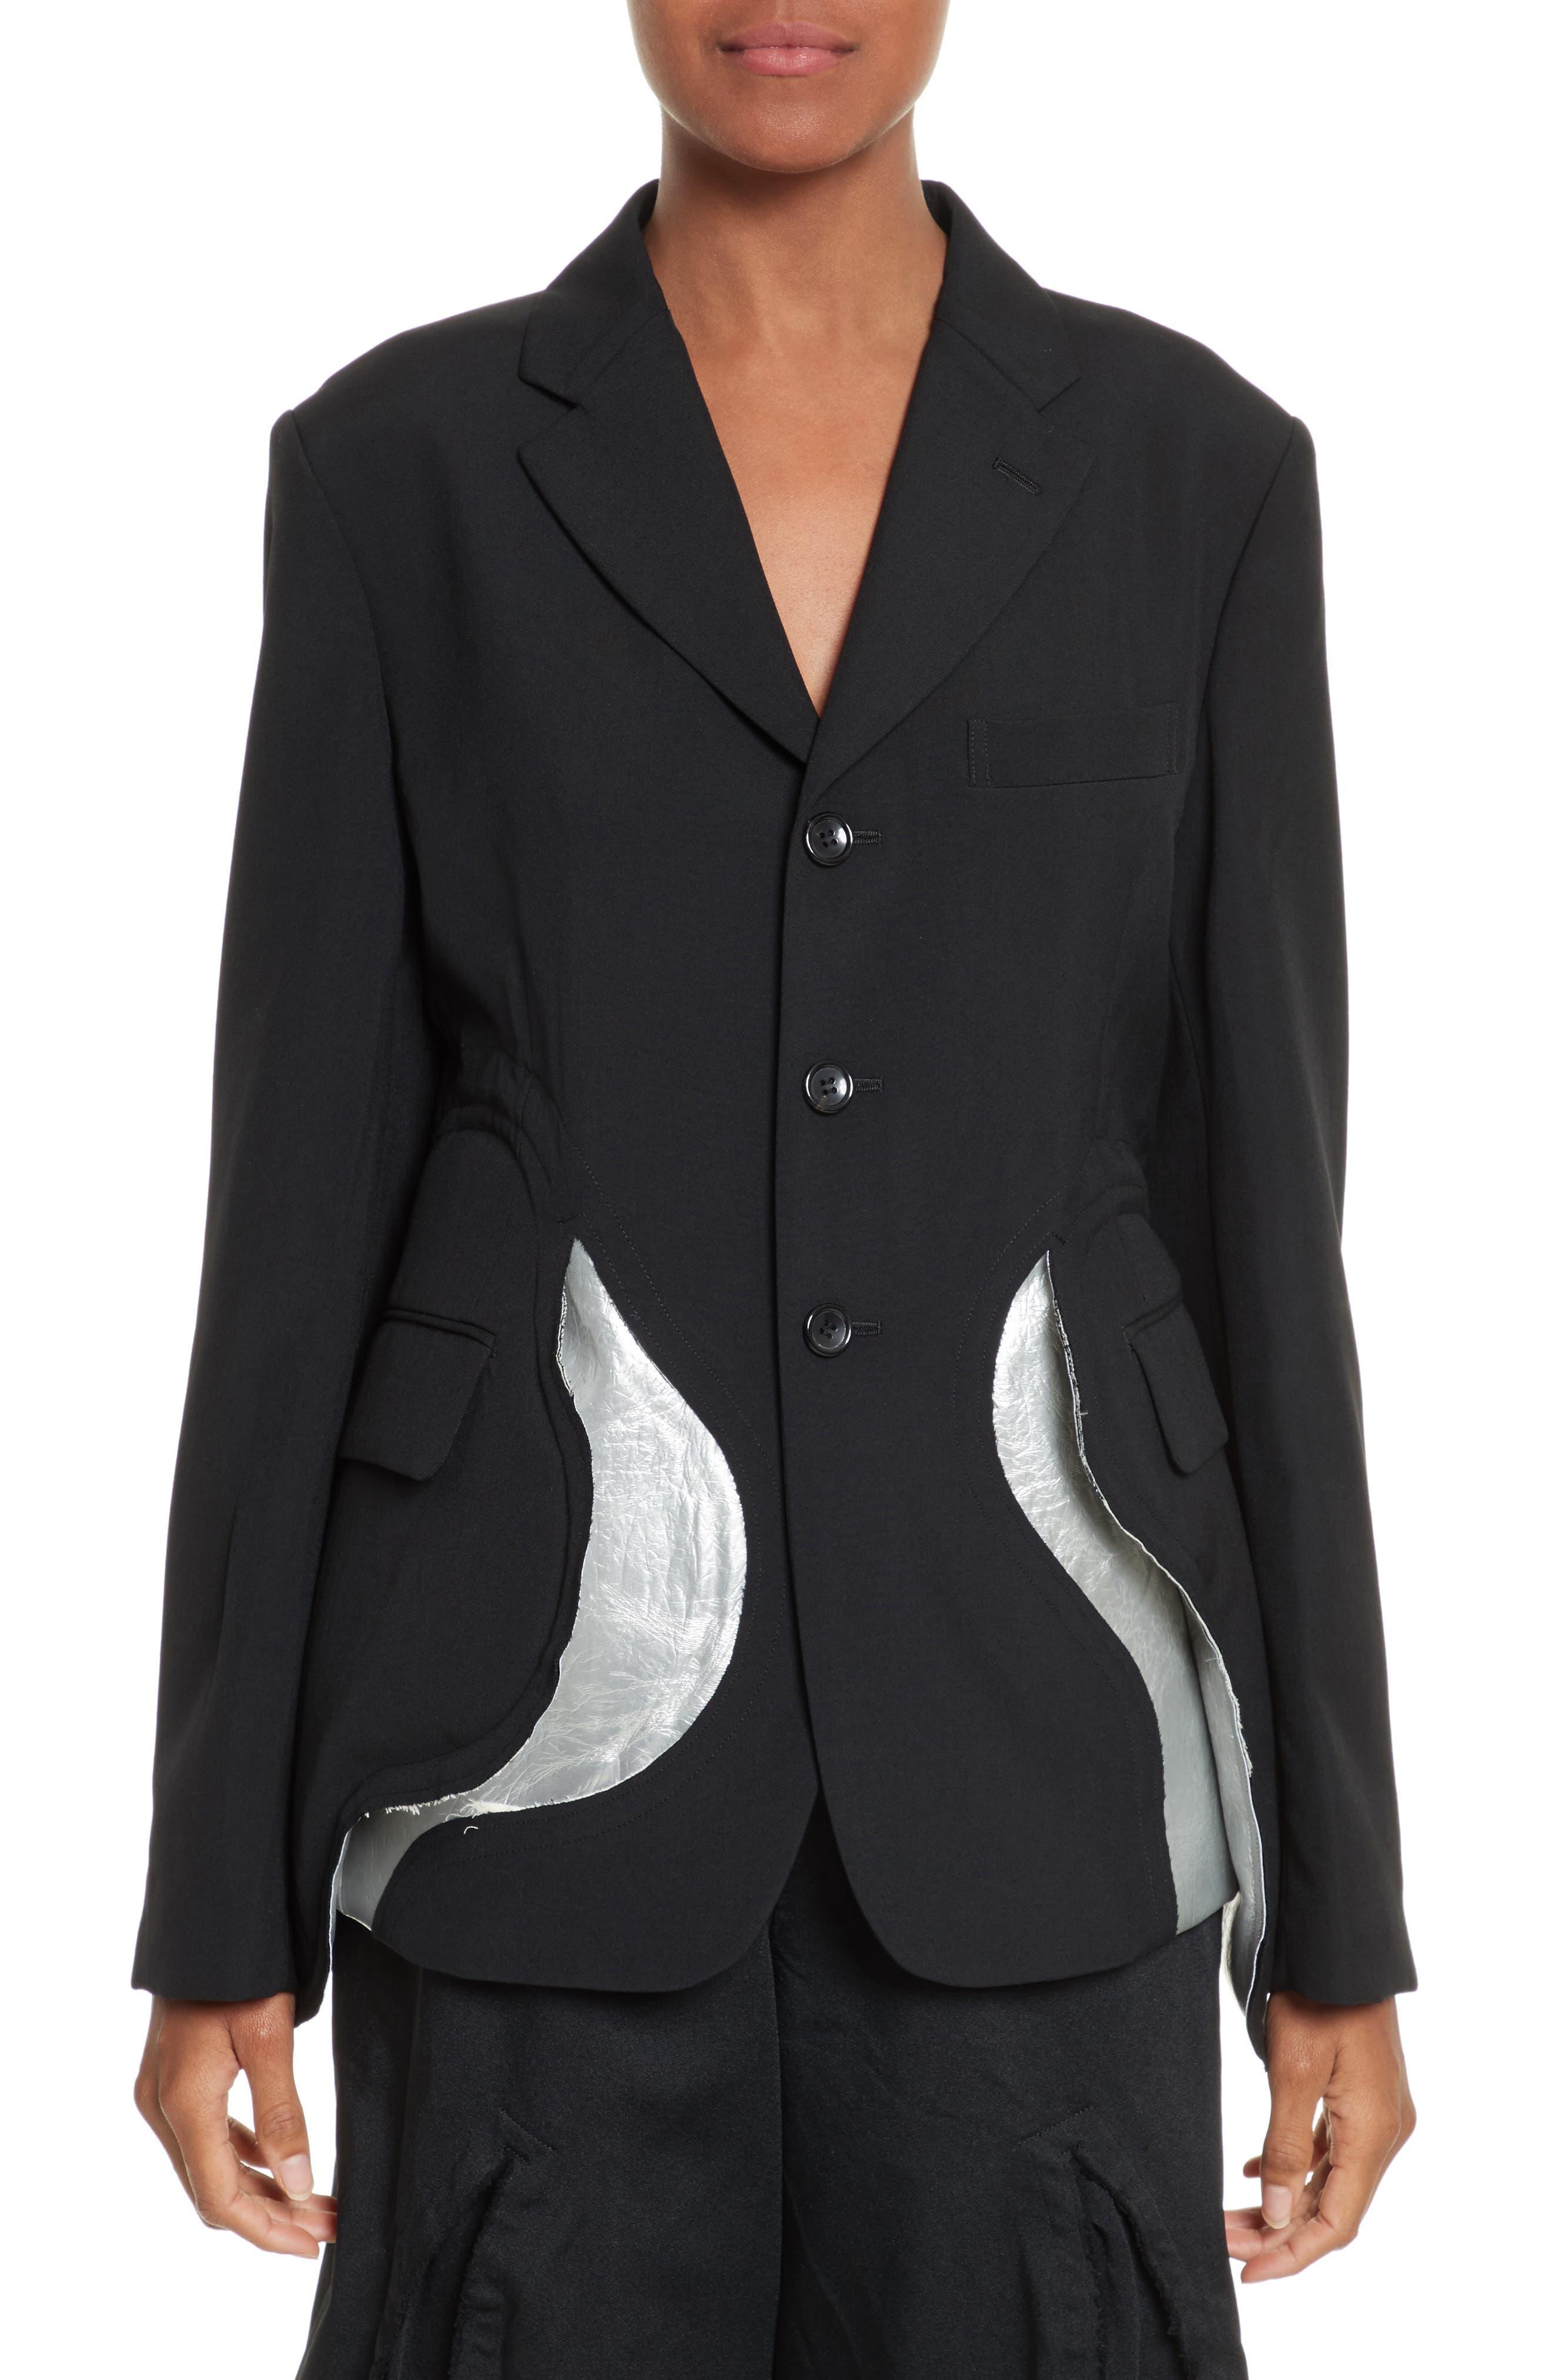 Alternate Image 1 Selected - Comme des Garçons Cotton Jacket